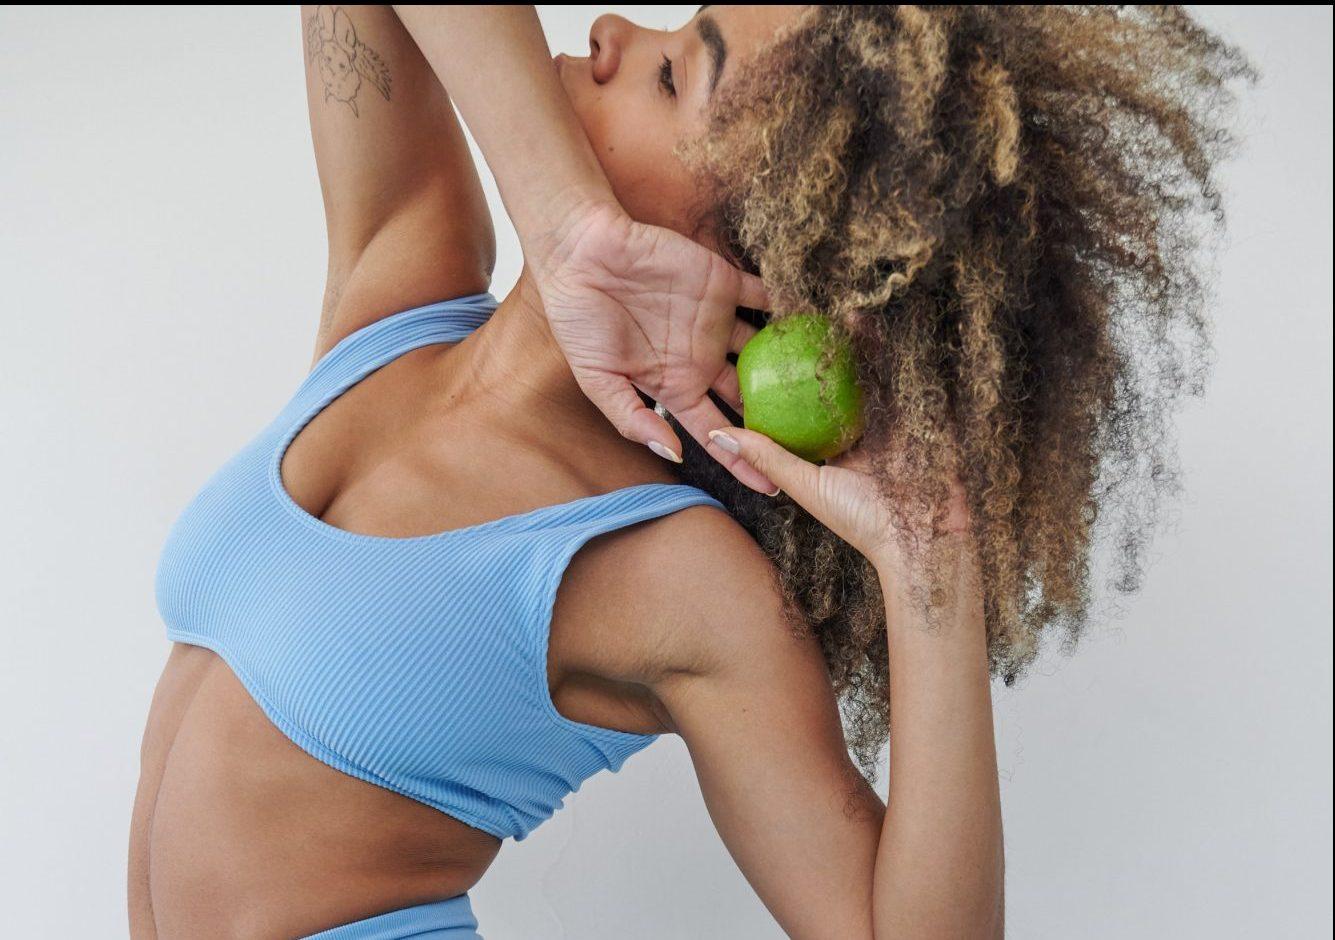 Γιατί δεν βλέπεις αποτελέσματα ενώ κάνεις δίαιτα και γυμνάζεσαι;